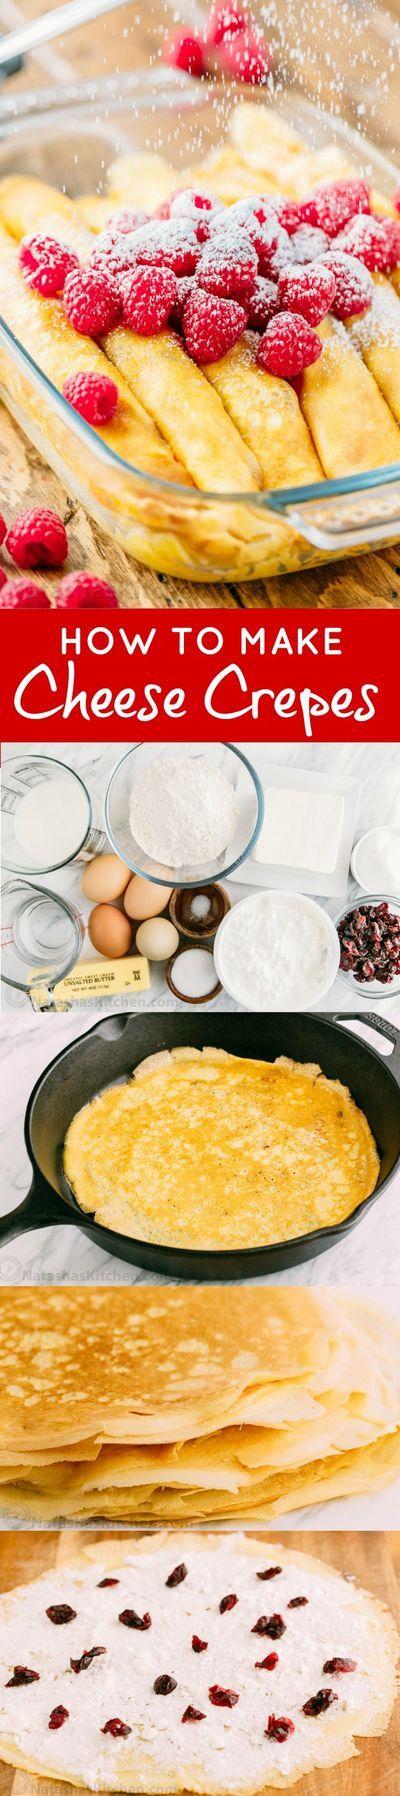 900 Breakfast Ideas In 2021 Recipes Breakfast Recipes Food